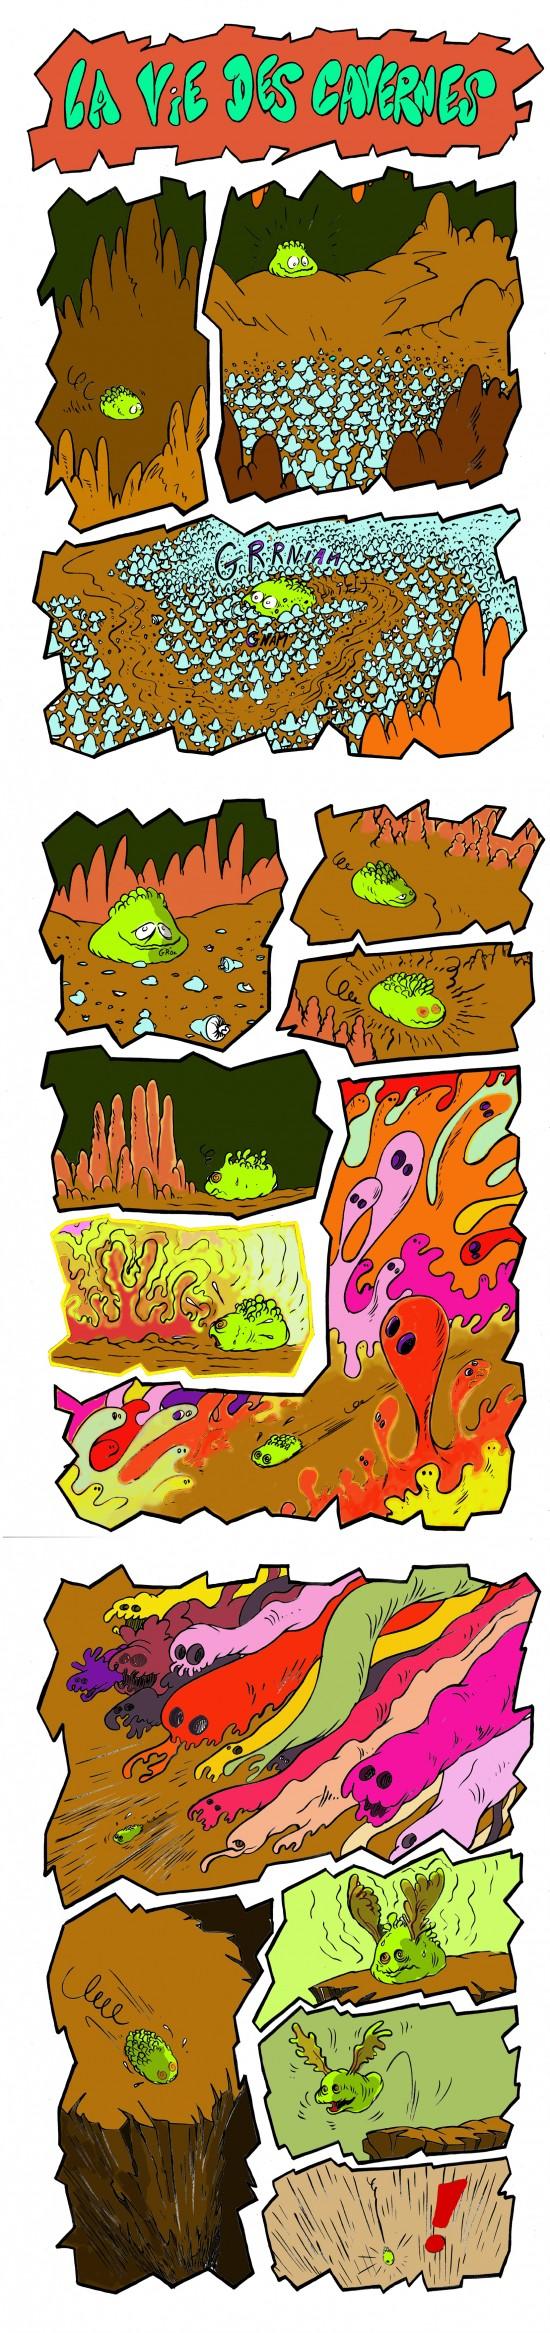 fanzine,bd,bande-dessinée,strip,gratuite,caverne,david roche